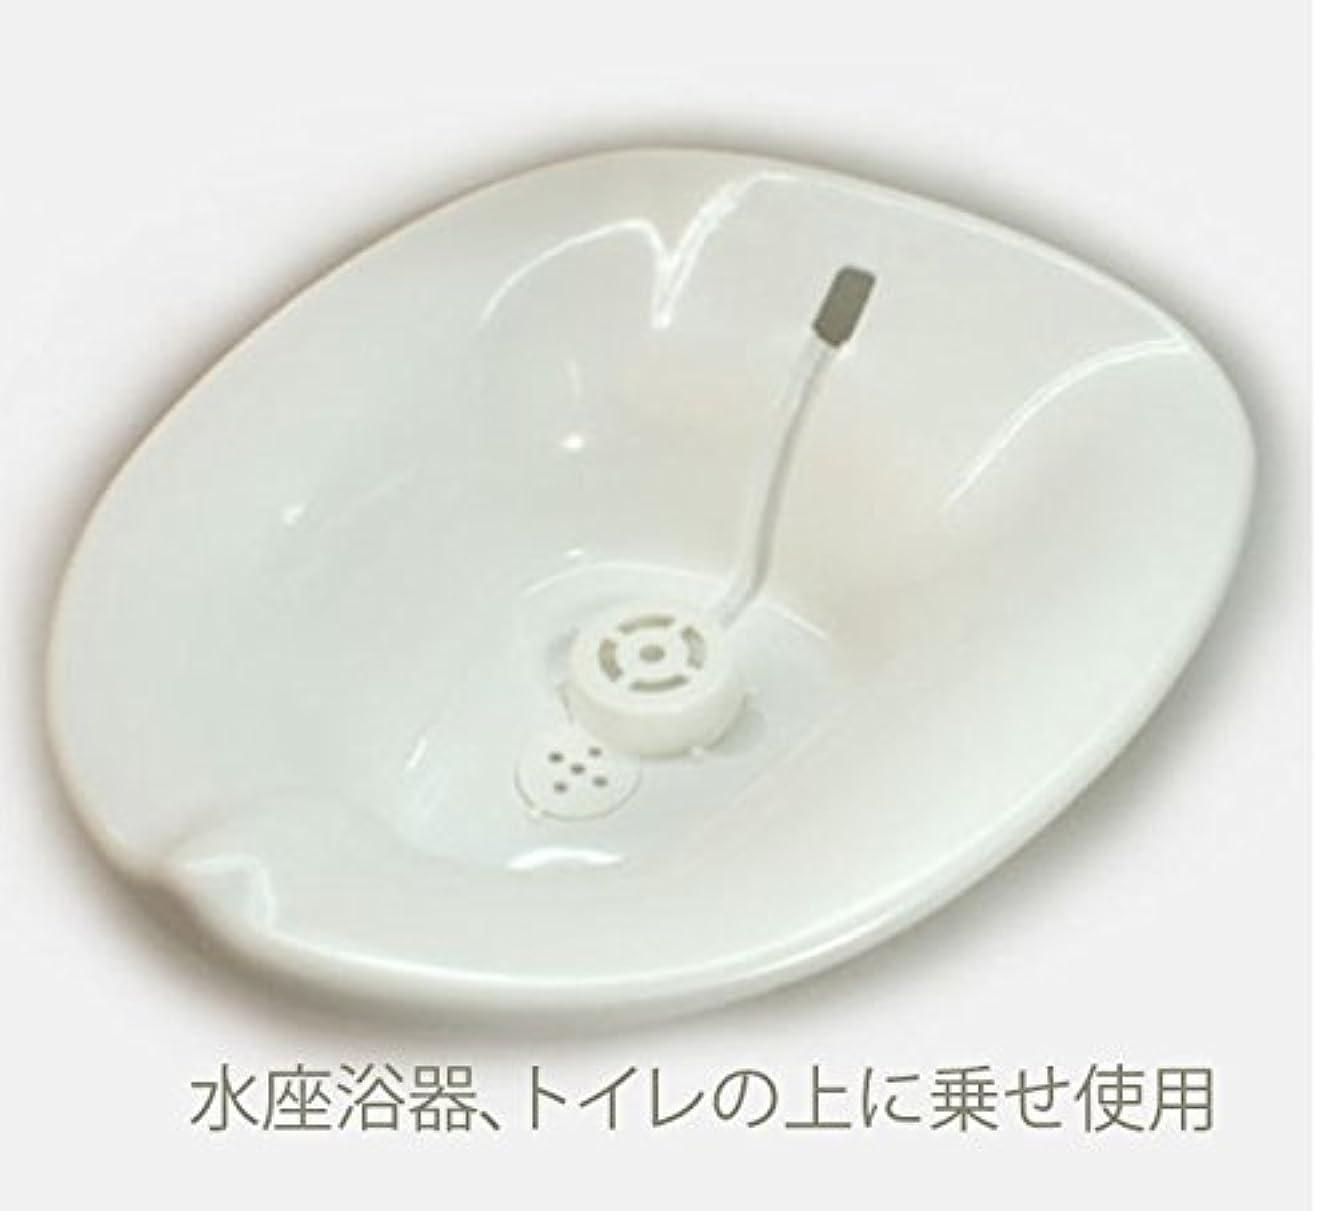 ユダヤ人十分に引き算お尻の座浴、、座浴のため、軟らかいトイレの水座浴用器、現在は色は白です